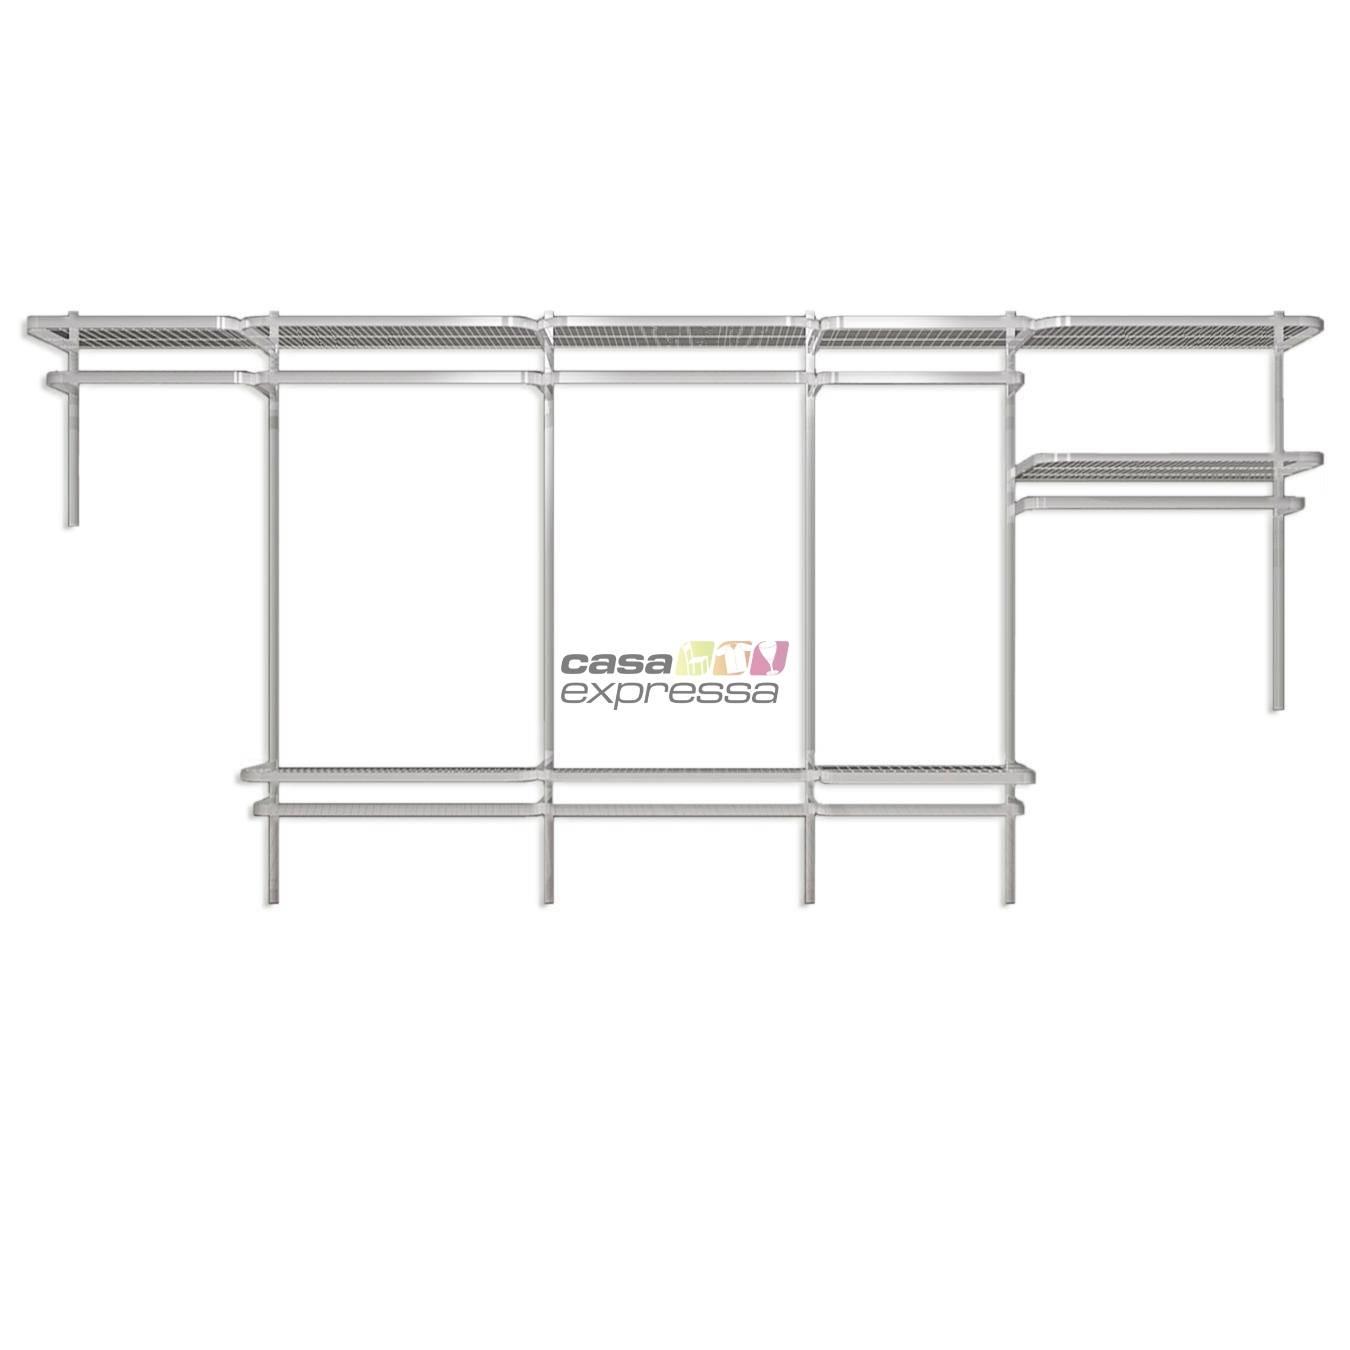 Closet Aramado - Linear CLR192 - 4,00m - CASA EXPRESSA